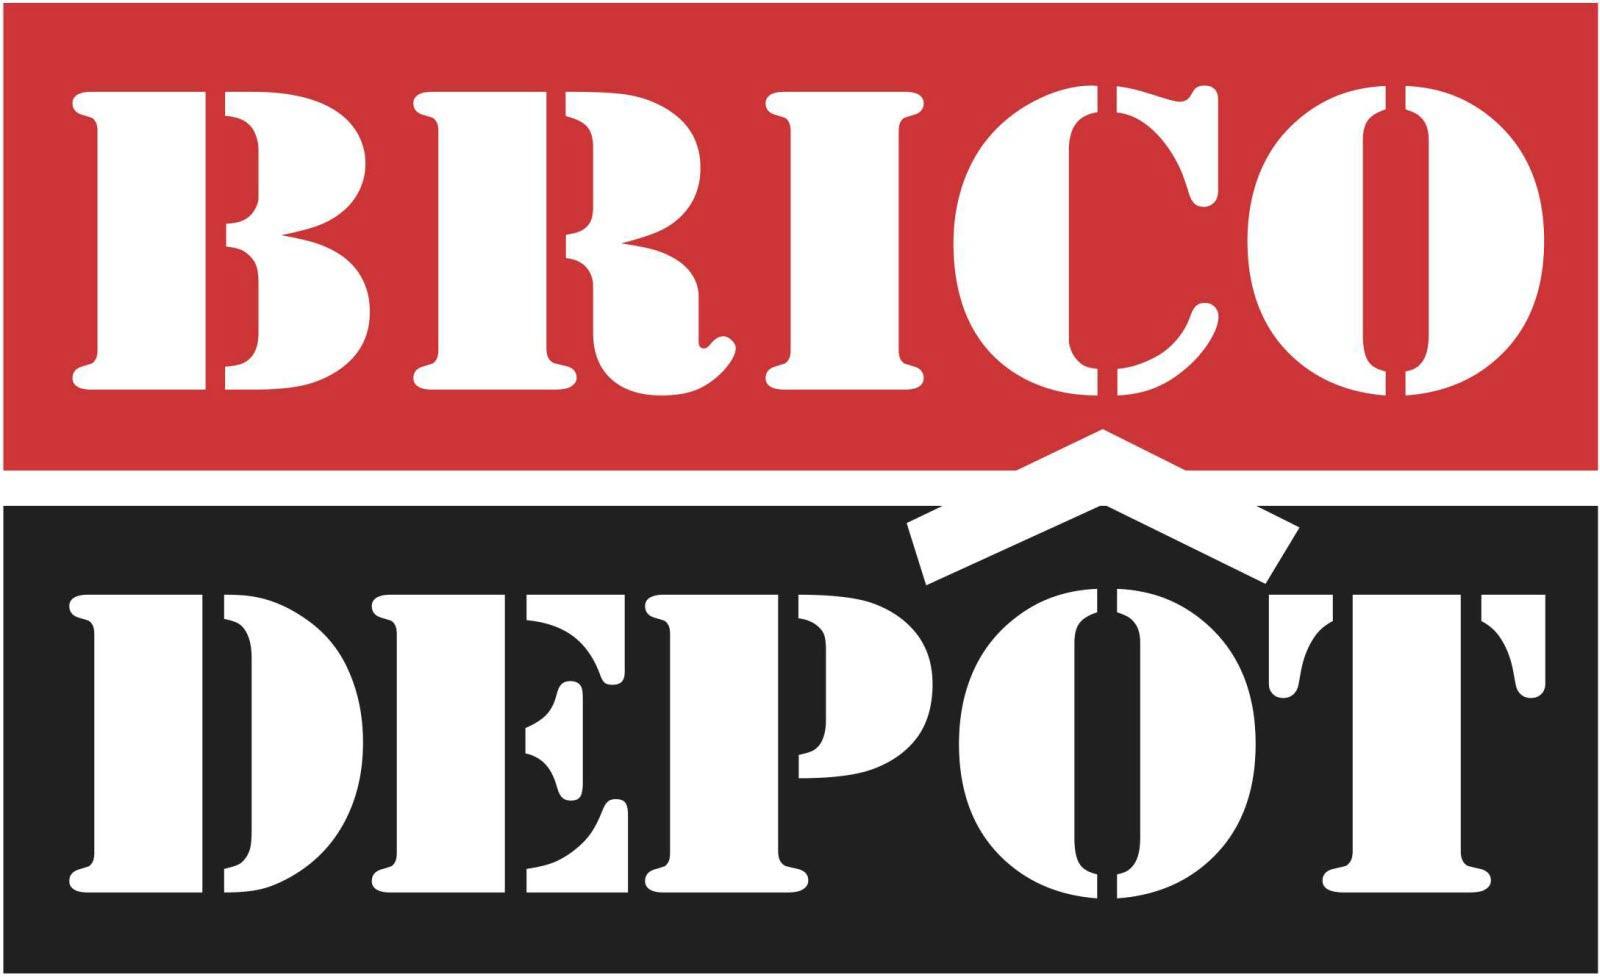 Hautes-Alpes | Brico Dépôt : La Cdac Dit Oui avec Brico Depot Annecy